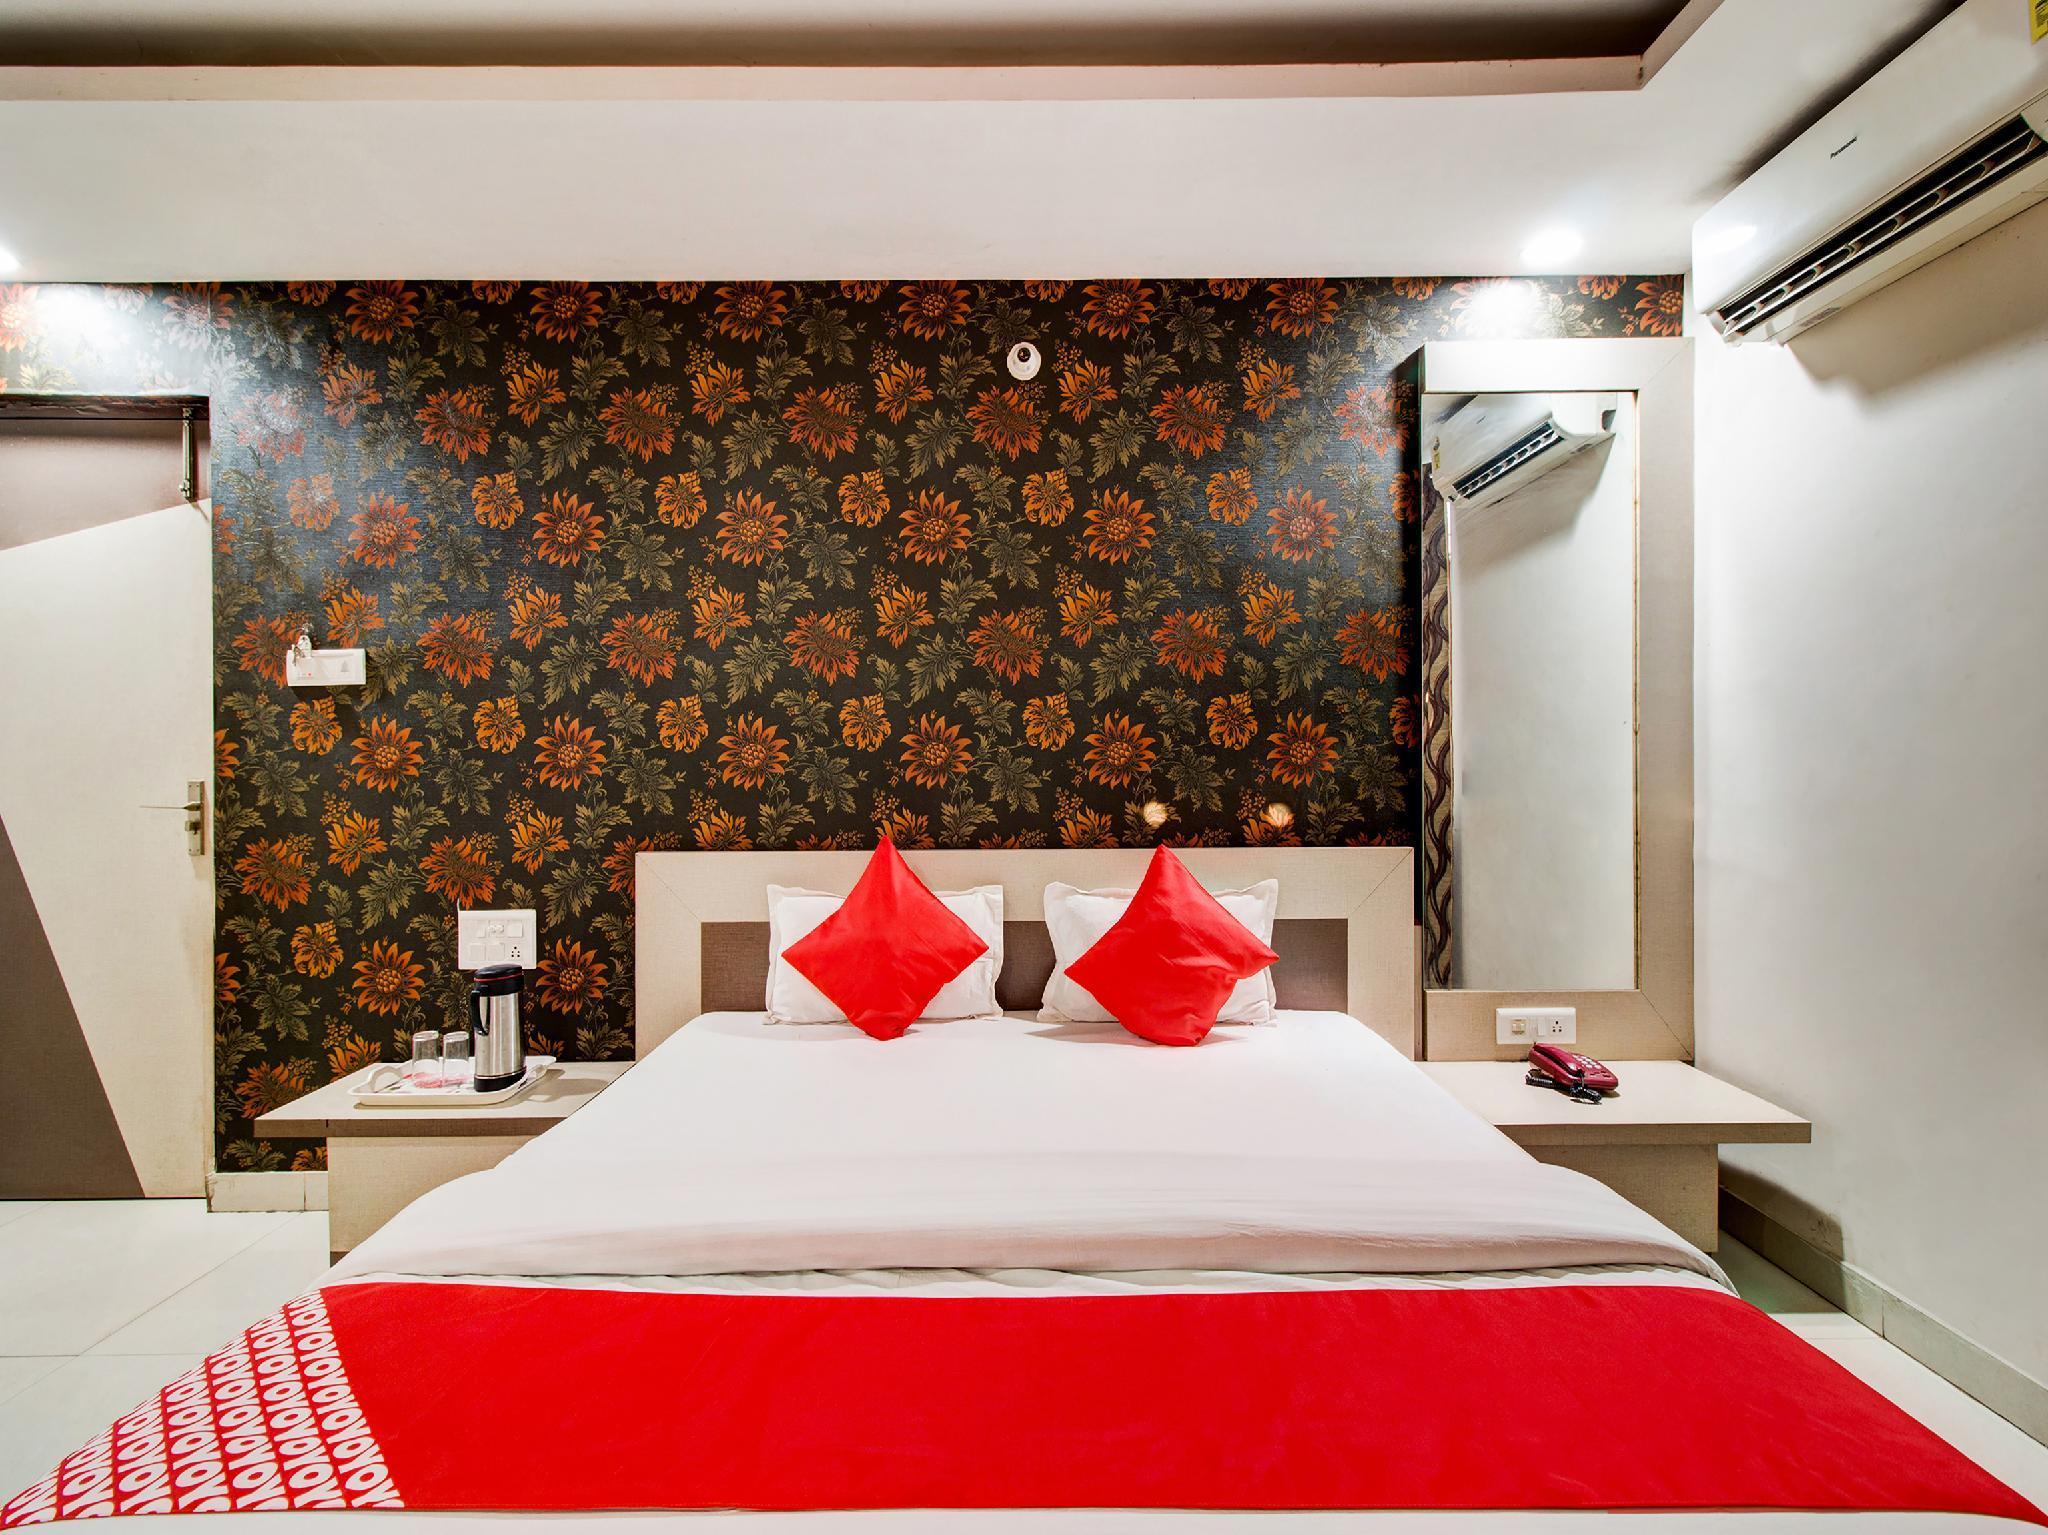 OYO 27696 Jai Ganesh Banquet Hall And Rooms